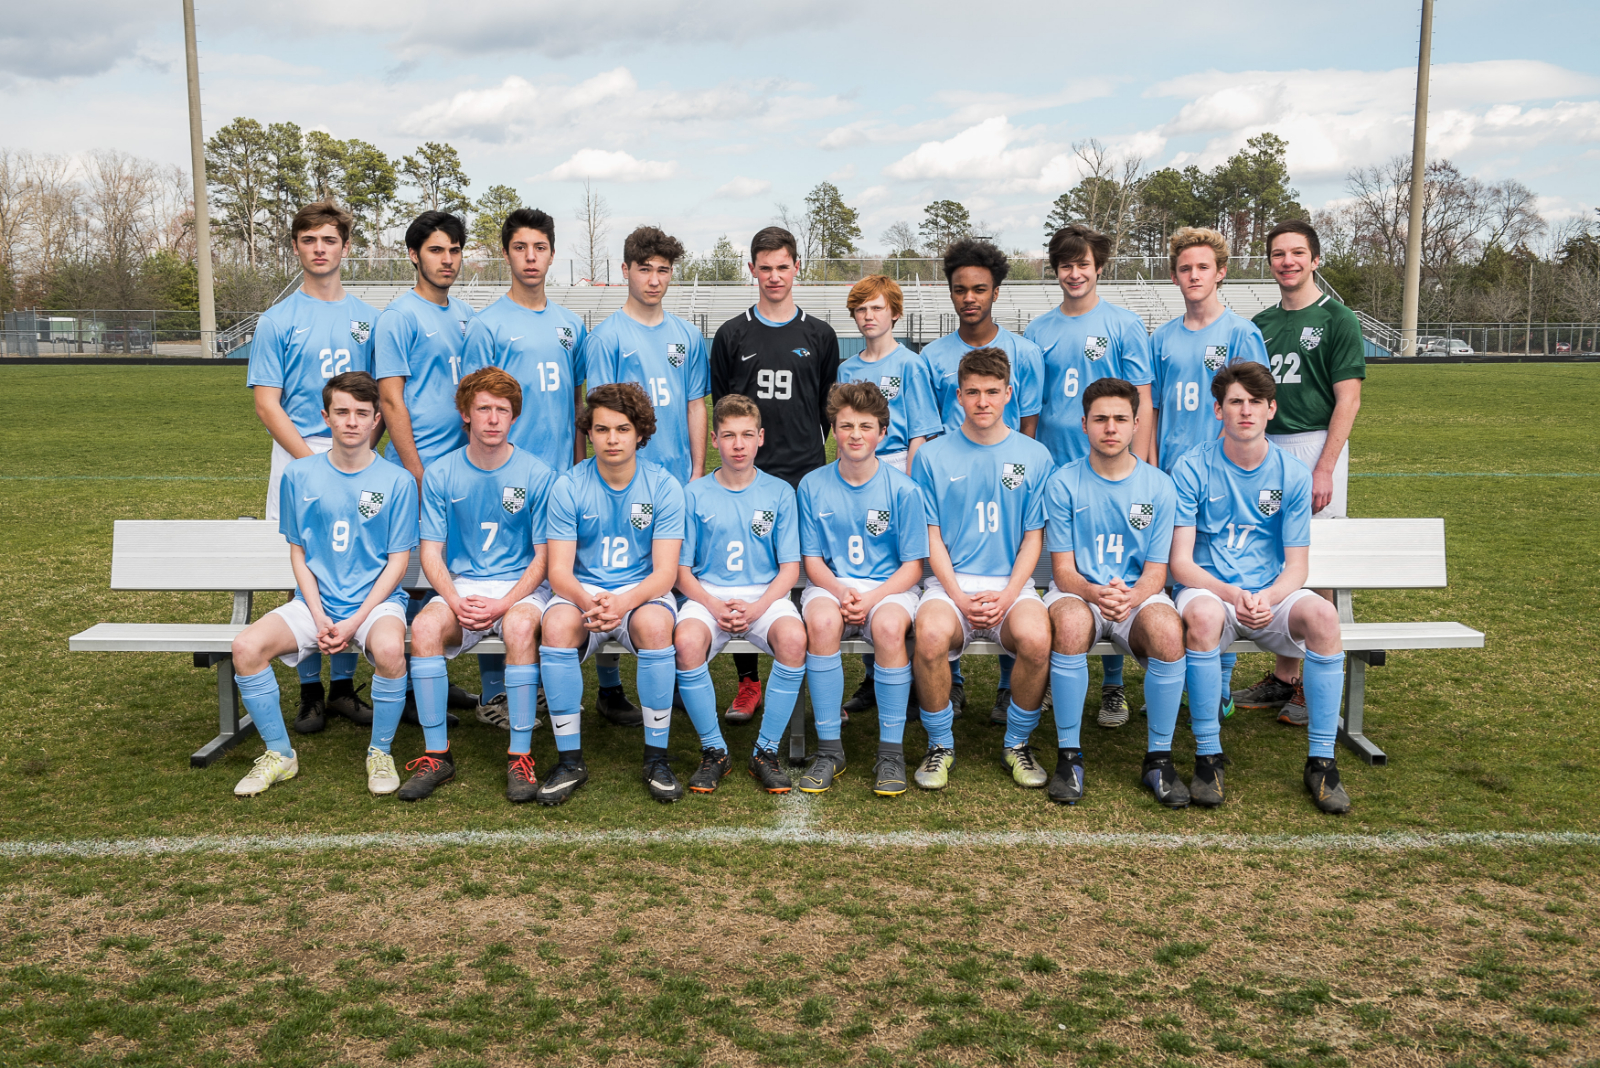 2019 Boys Junior Varsity Soccer Team